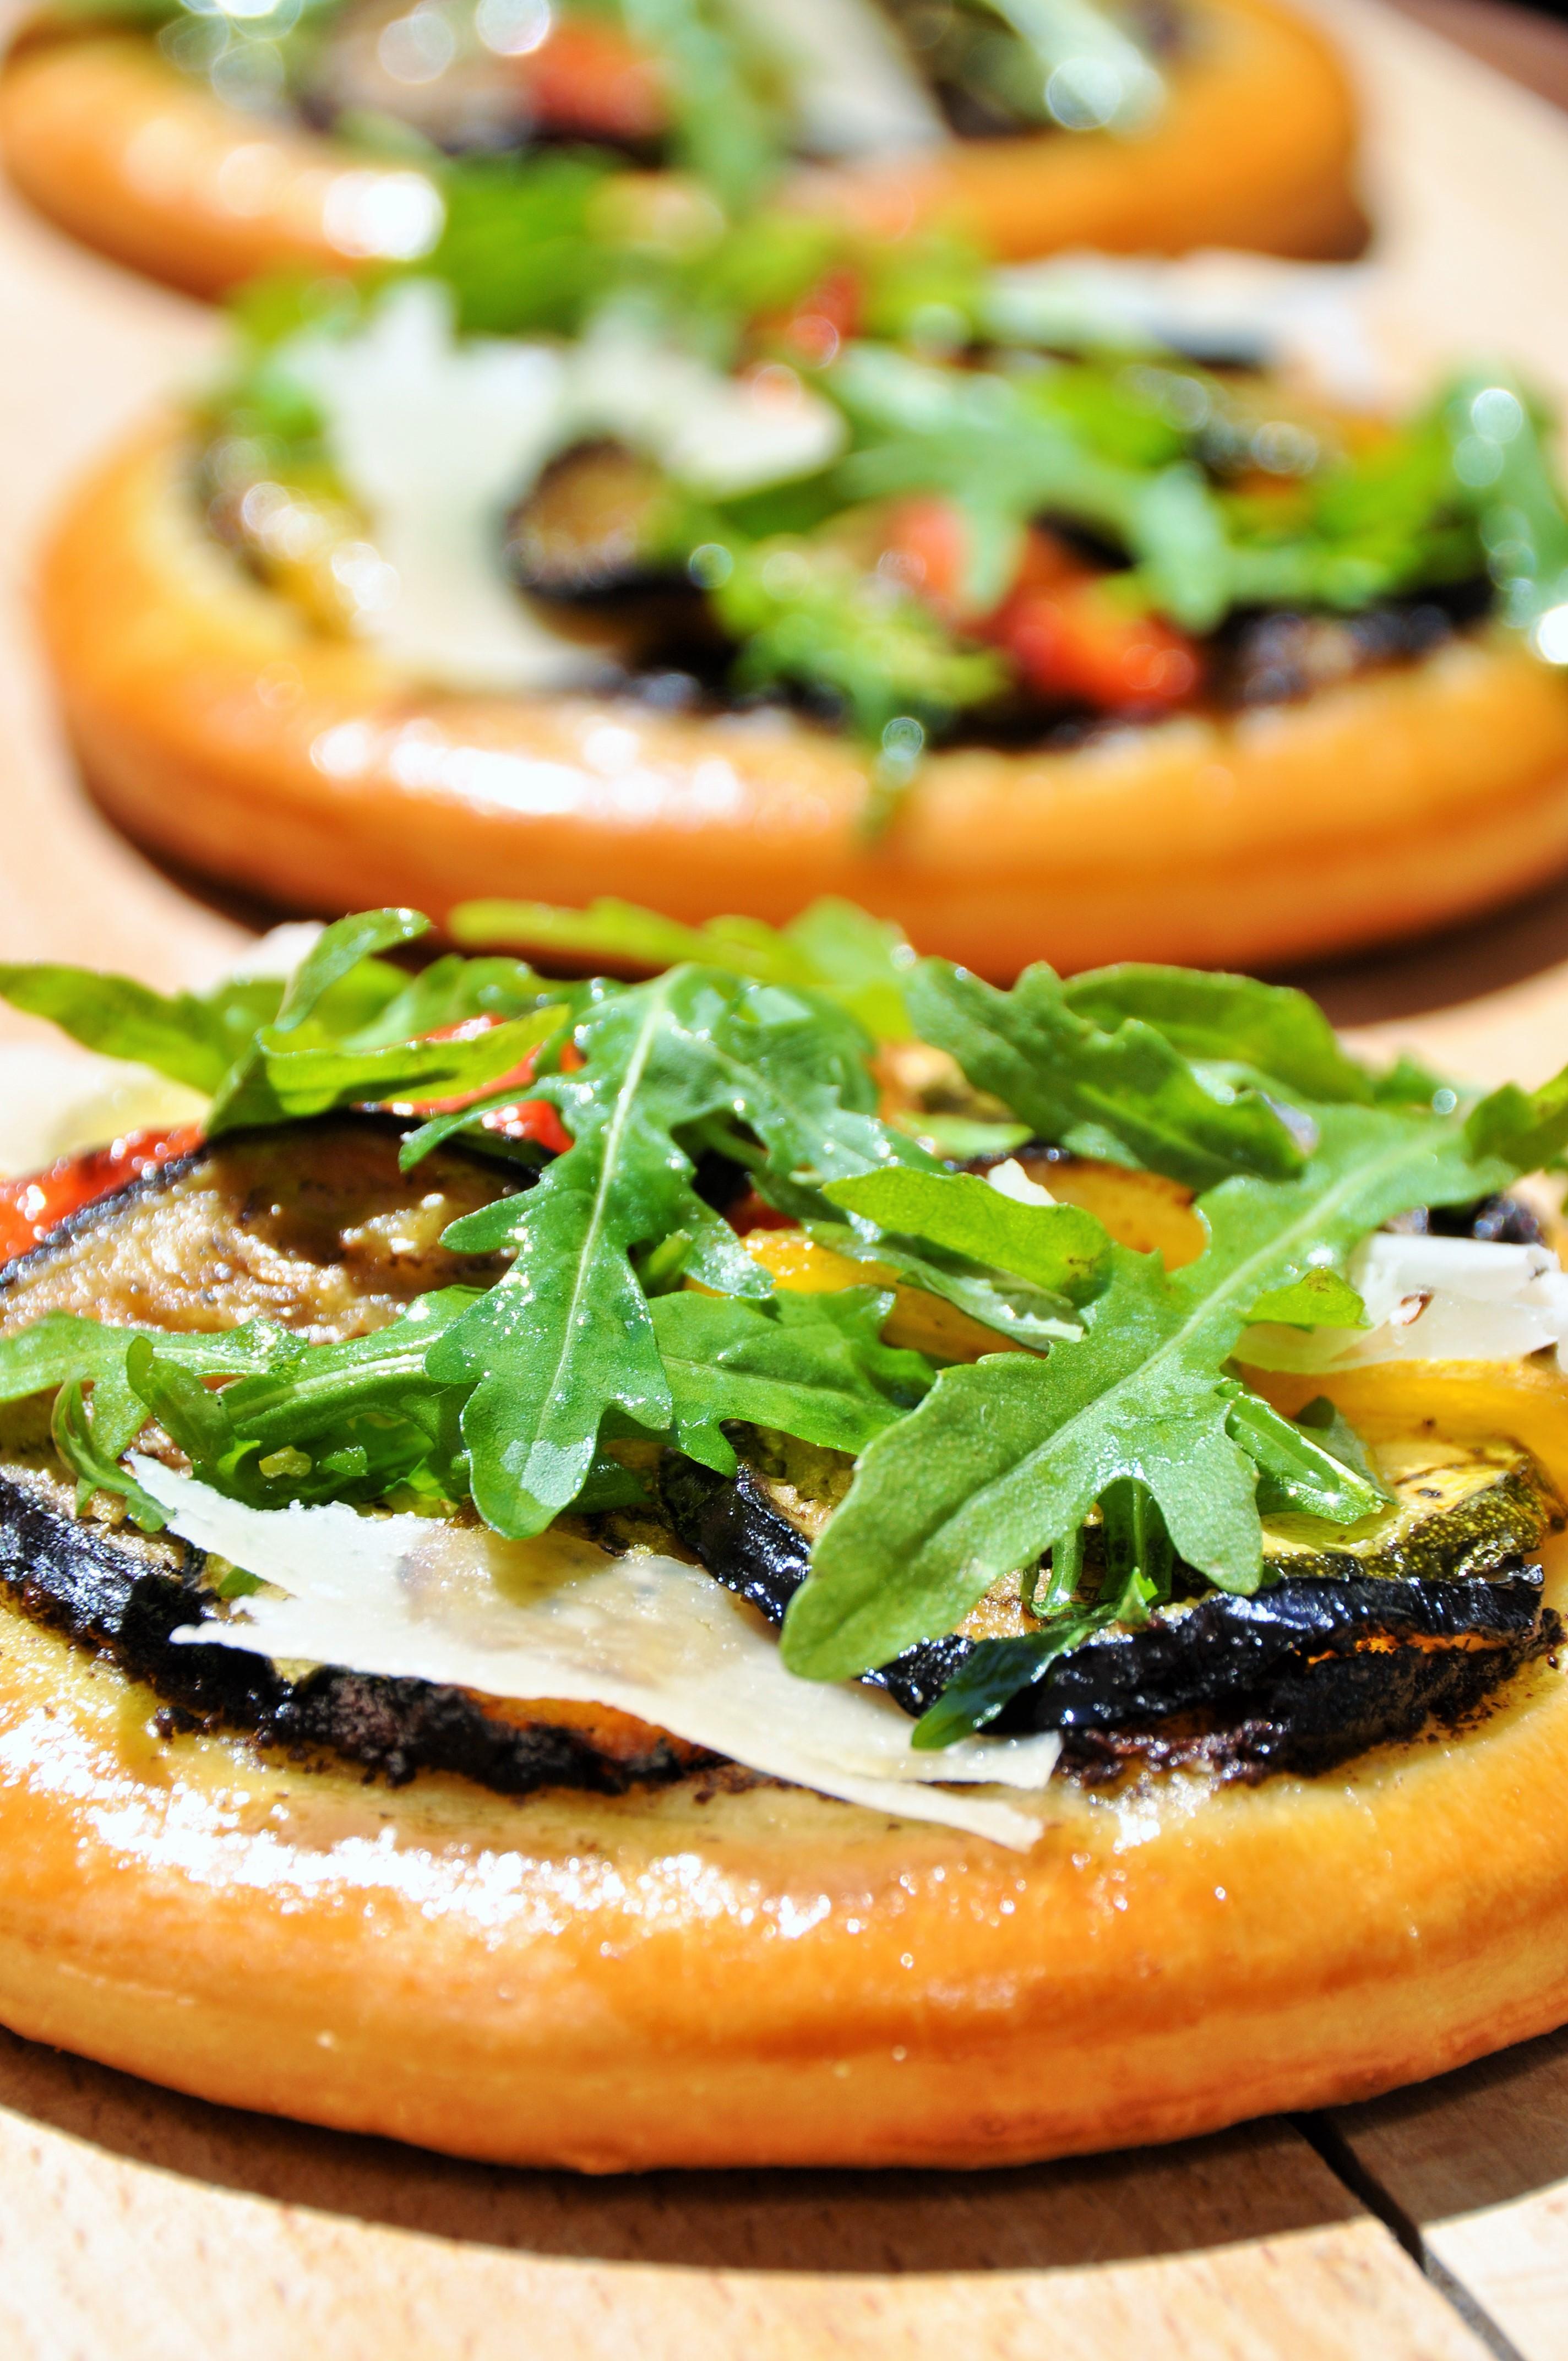 Recette végétarienne pour l'été: une Tarte aux Légumes ...